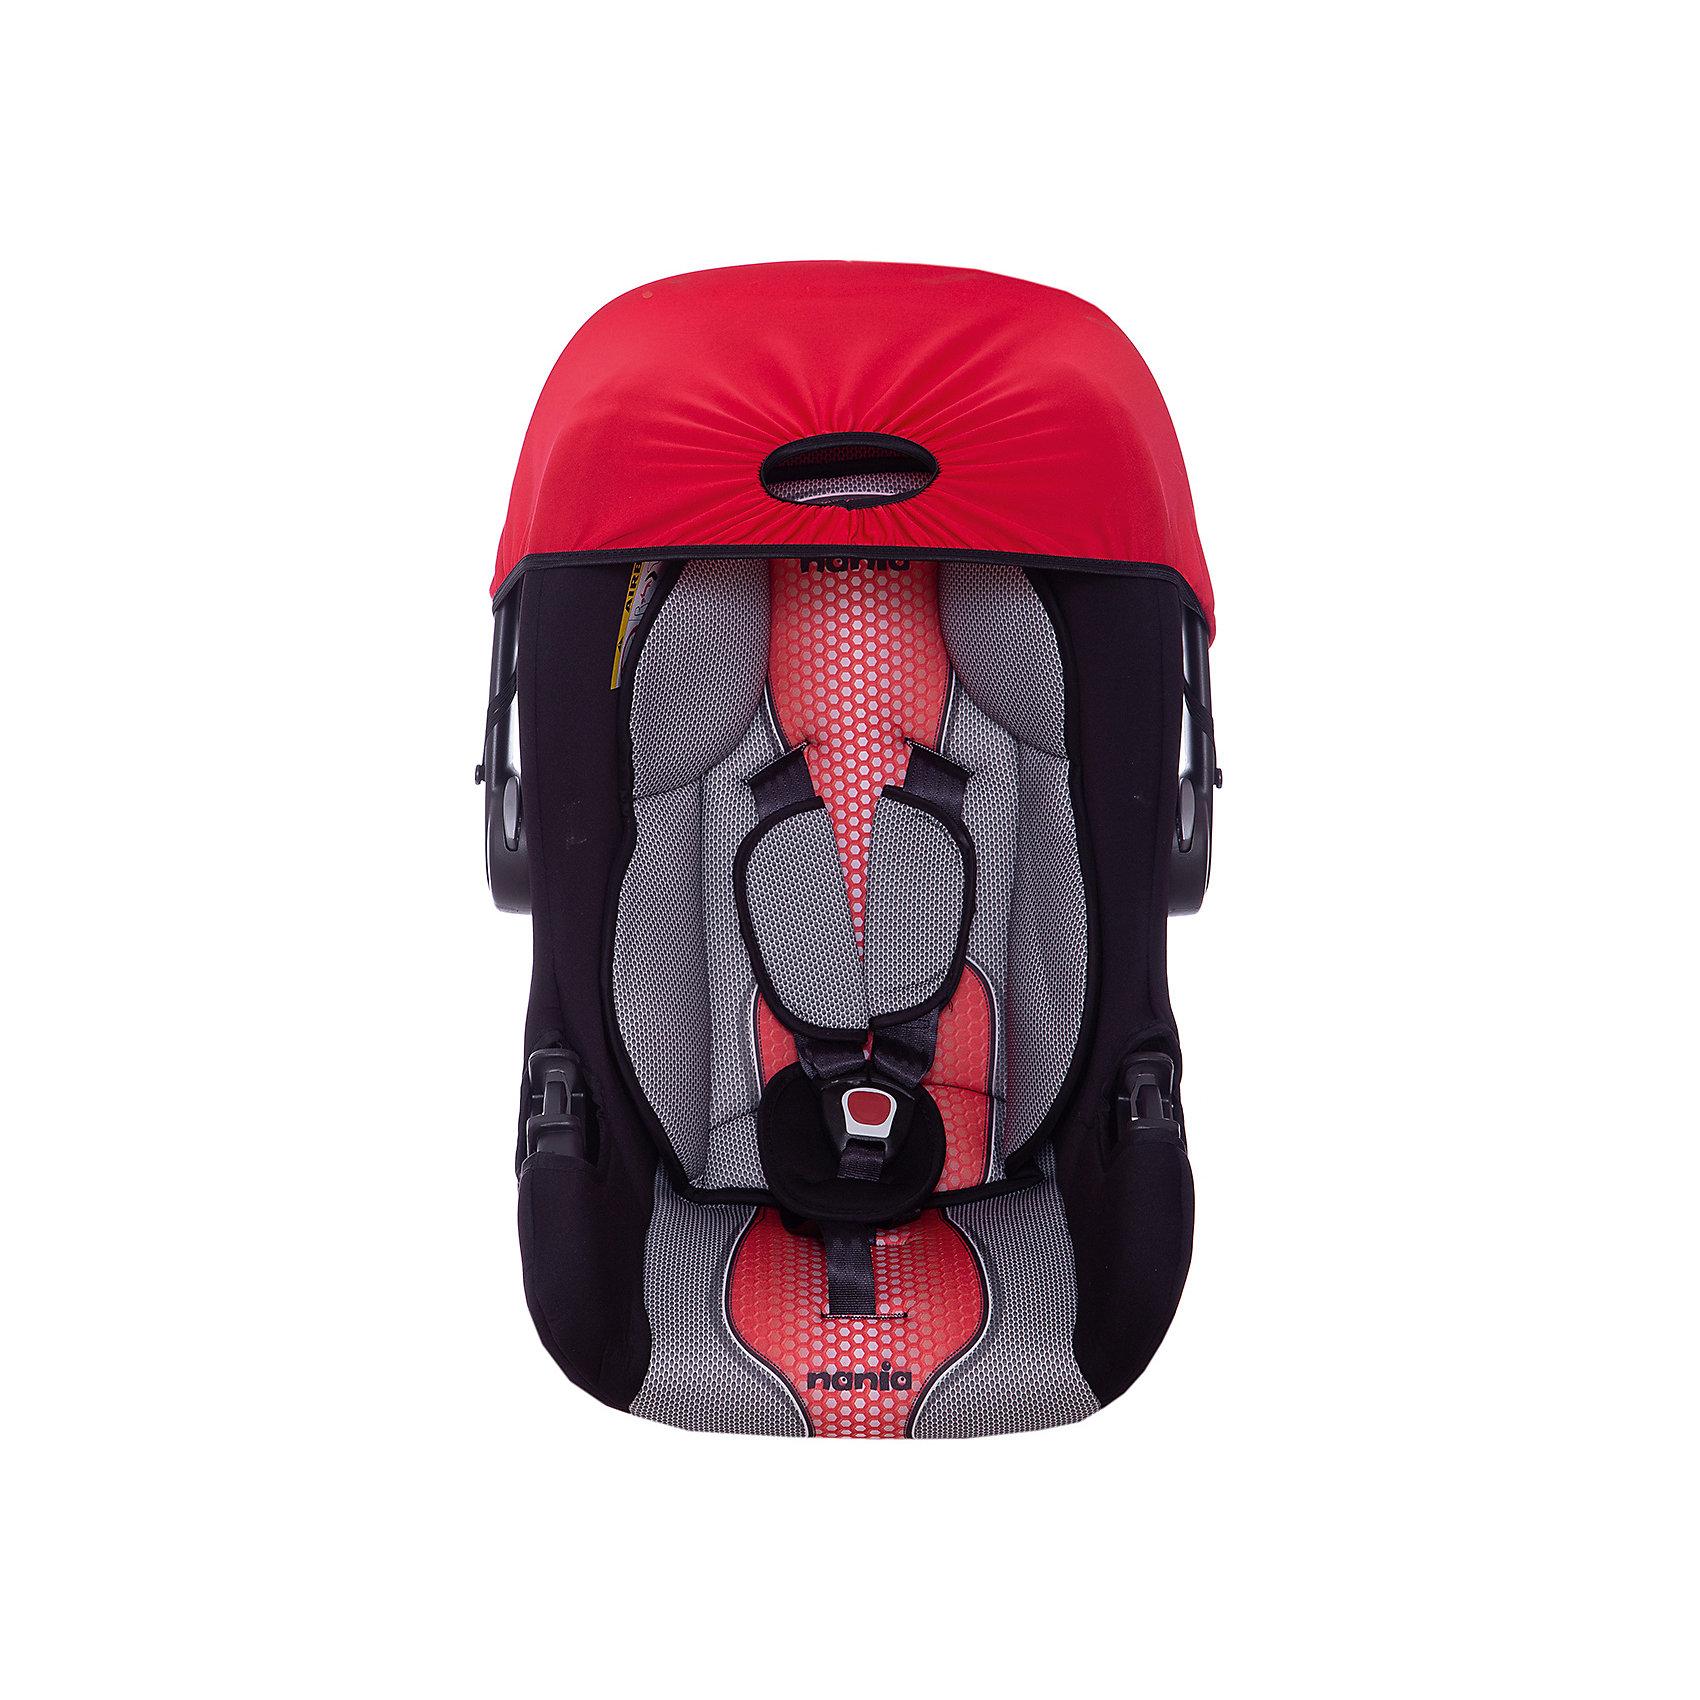 Автокресло Nania Beone SP FST 0-13 кг, pop redГруппа 0+ (До 13 кг)<br>Качественное высокотехнологичное автокресло Beone SP FST от Nania позволит перевозить ребенка, не беспокоясь при этом о его безопасности. Оно предназначено для детей весом от 0 до 13 килограмм. Такое кресло обеспечит малышу не только безопасность, но и комфорт. Прочный каркас анатомической формы сделан из полипропилена. Поглощающая силу удара прослойка произведена из полистирола. Есть 5точечные ремни безопасности с тремя уровнями регулировки по высоте и мягкими плечевыми накладками.<br>Автокресло устанавливают против хода движения. Есть улучшенный вкладыш и ручка для переноски ребенка. Такое кресло дает возможность свободно путешествовать, ездить в гости и при этом  быть рядом с малышом. Конструкция - очень удобная и прочная. Изделие произведено из качественных и безопасных для малышей материалов, оно соответствуют всем современным требованиям безопасности. Дополнено съемным чехлом, который можно стирать. Соответствует Европейскому Стандарту Безопасности ECE R44/03.<br> <br>Дополнительная информация:<br><br>цвет: серый, черный, красный;<br>материал: текстиль, пластик;<br>вес ребенка:  0 до 13 кг;<br>вес кресла: 7,69 кг;<br>ручка для переноски;<br>регулироемые 5точечные ремни безопасности;<br>съемный чехол.<br><br>Автокресло Beone SP FST 0-13 кг., от компании Nania можно купить в нашем магазине.<br><br>Ширина мм: 390<br>Глубина мм: 720<br>Высота мм: 400<br>Вес г: 7690<br>Возраст от месяцев: 0<br>Возраст до месяцев: 12<br>Пол: Унисекс<br>Возраст: Детский<br>SKU: 4860505